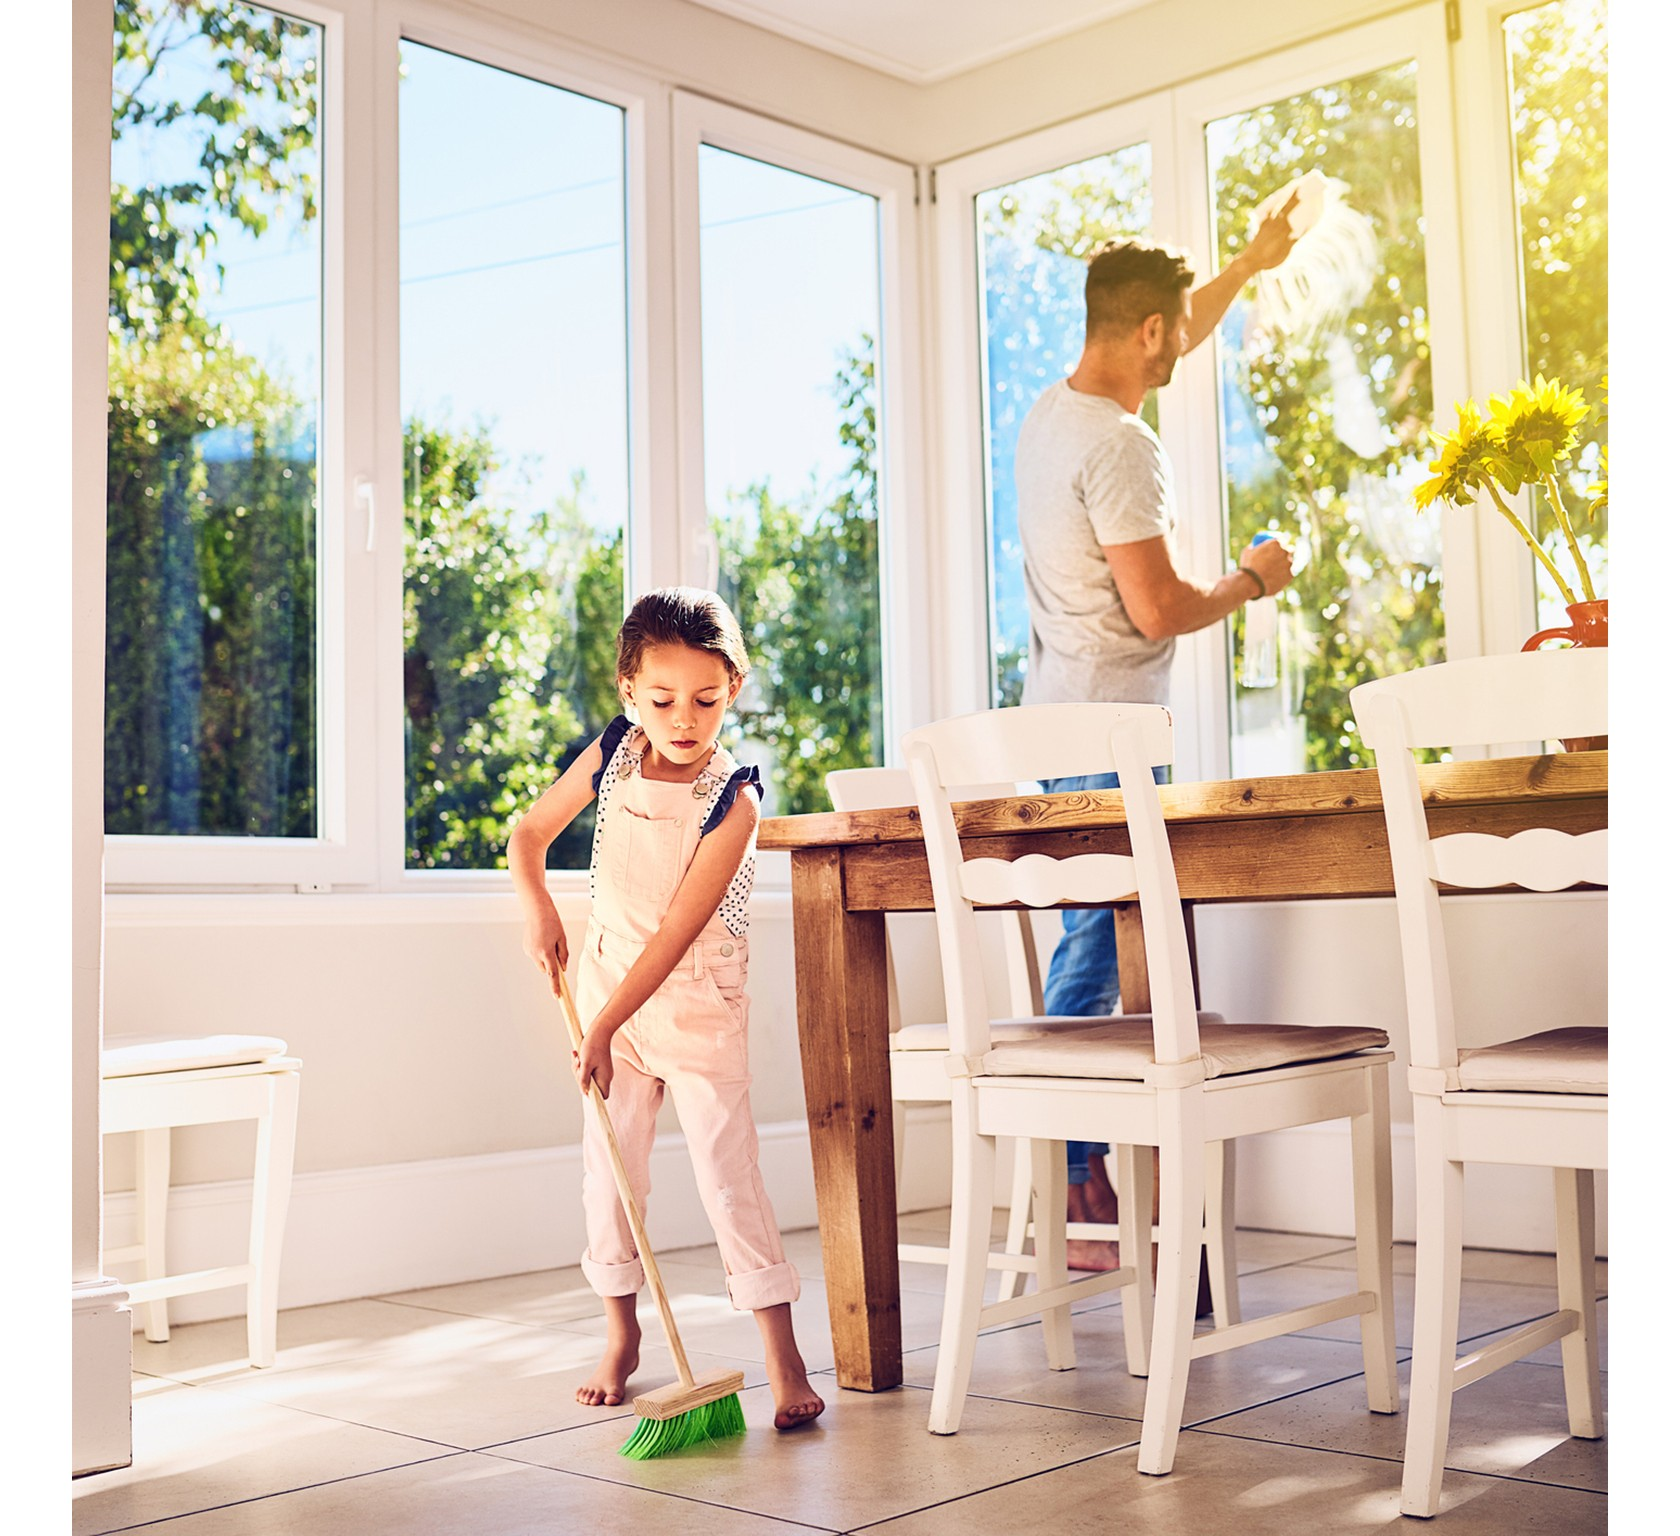 Frühjahrsputz mit der ganzen Familie, Mann putzt Fenster während die Tochter den Boden fegt.